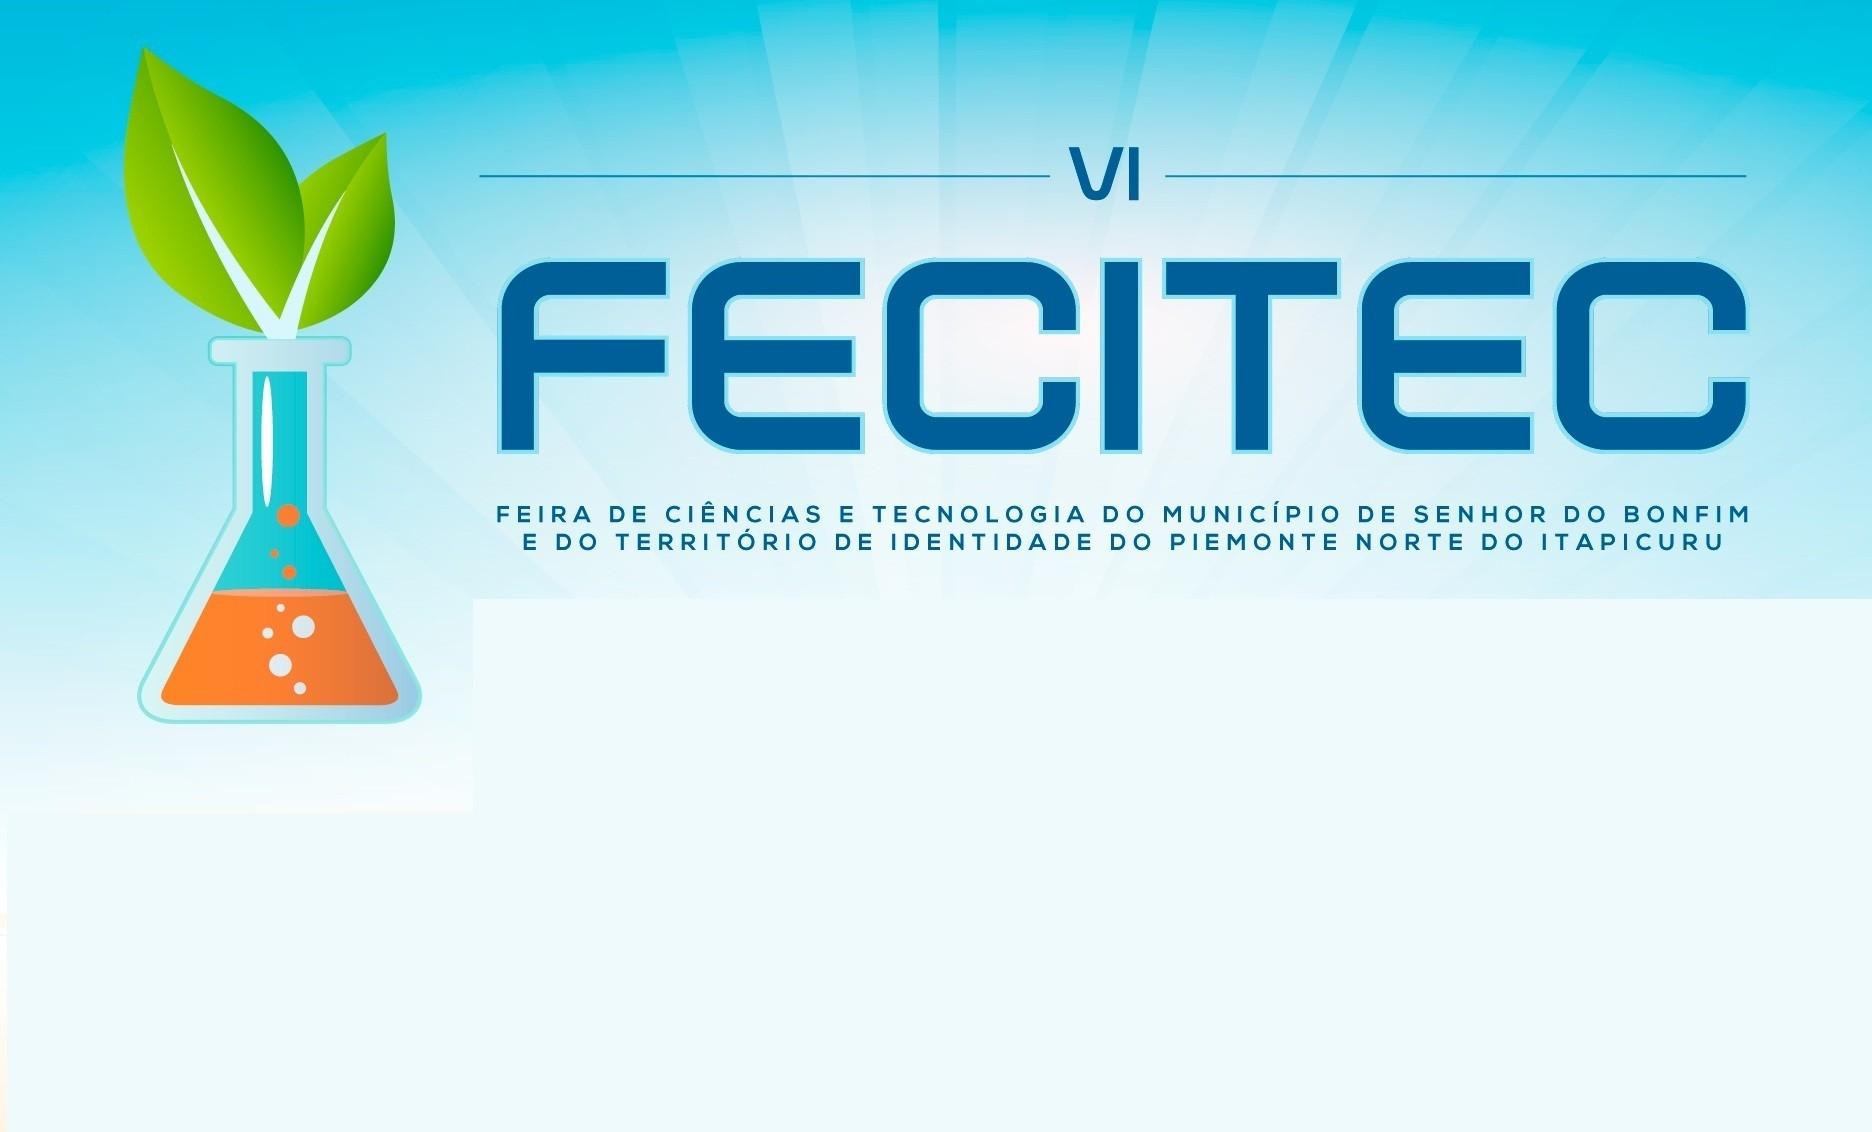 fecitec_02